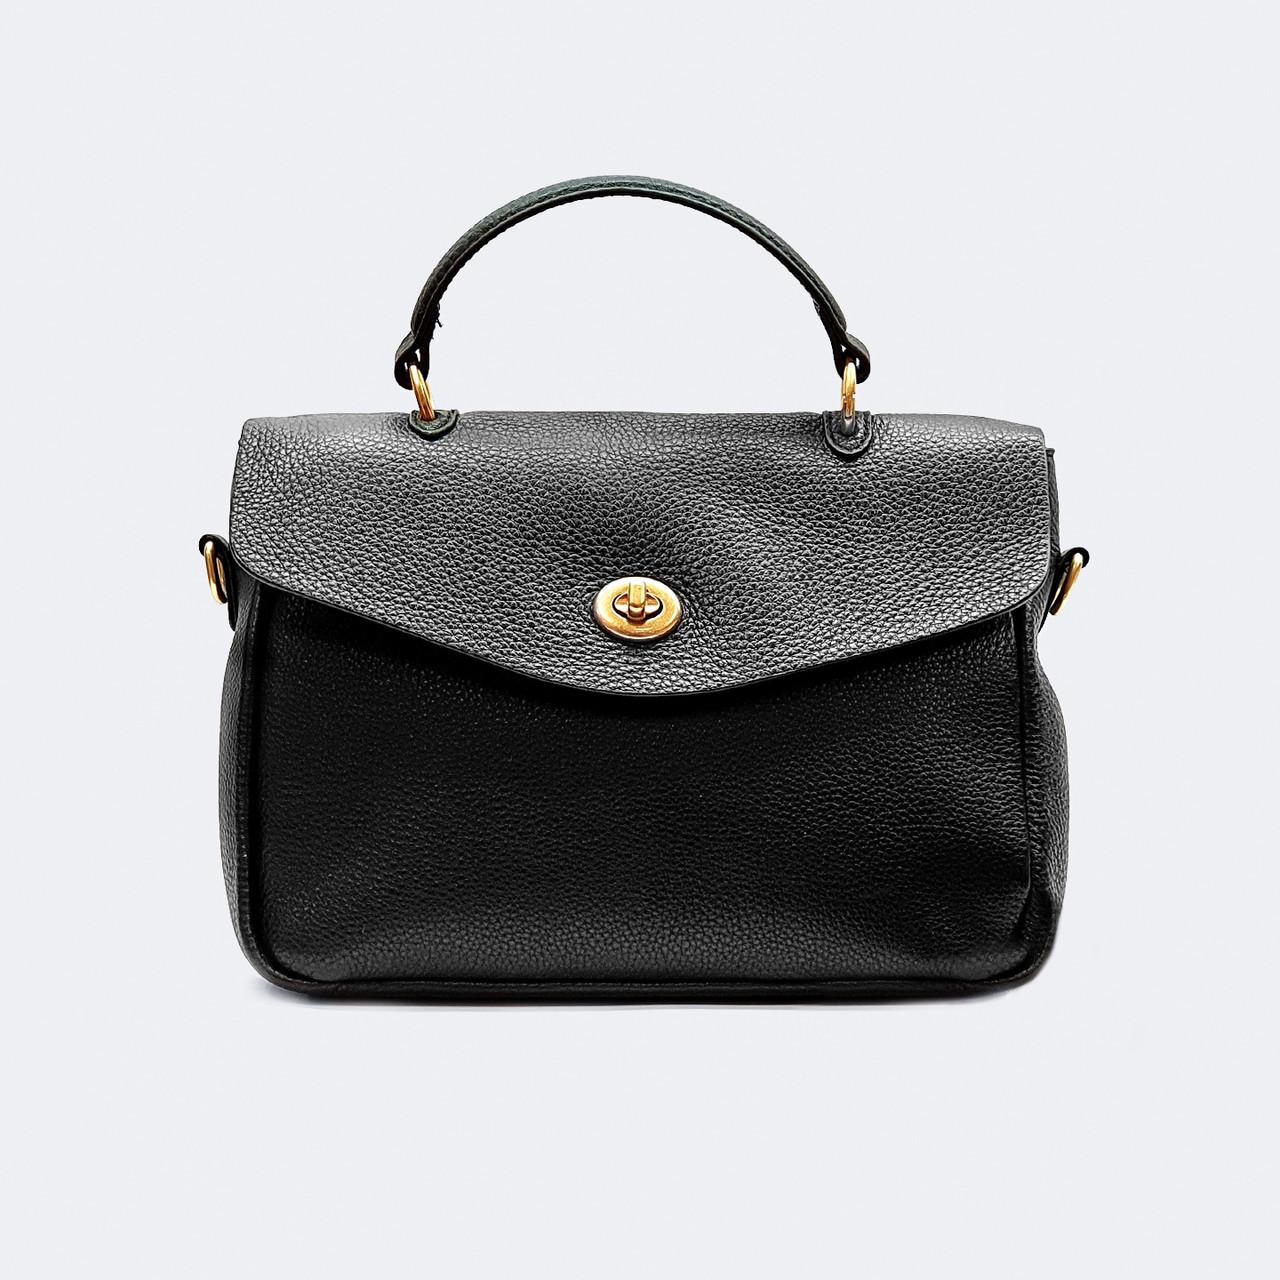 Модная женская черная сумка кожаная средняя 9919